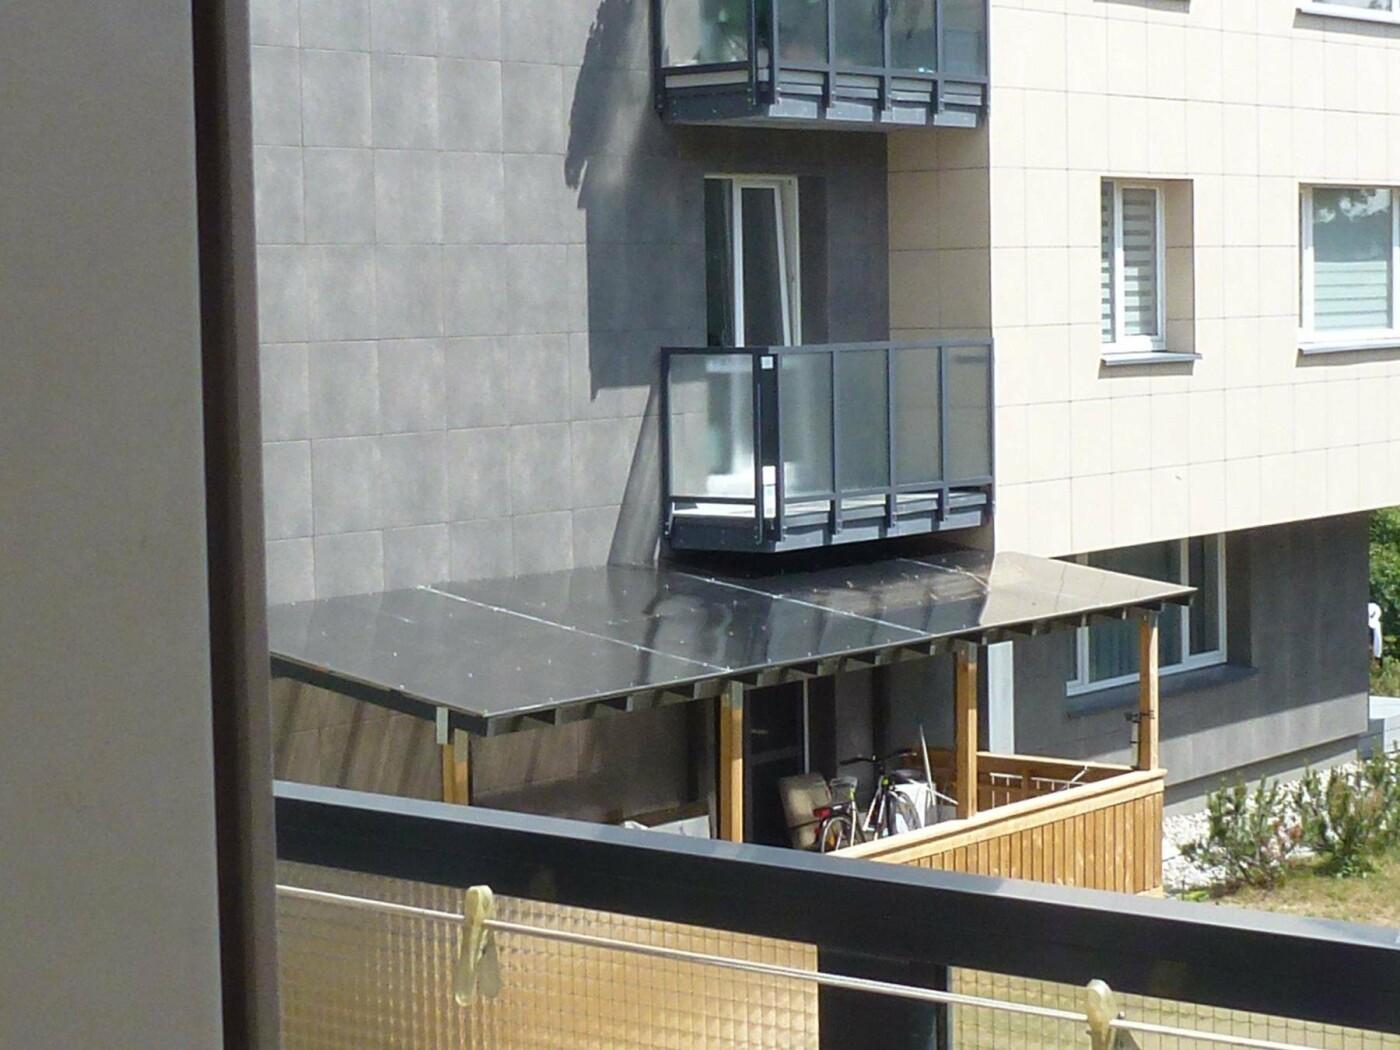 Kaimynų pasipiktinimą sukėlusi terasa: vieniems išsigelbėjimas, kitiems – baisus šašas, nuotrauka-1